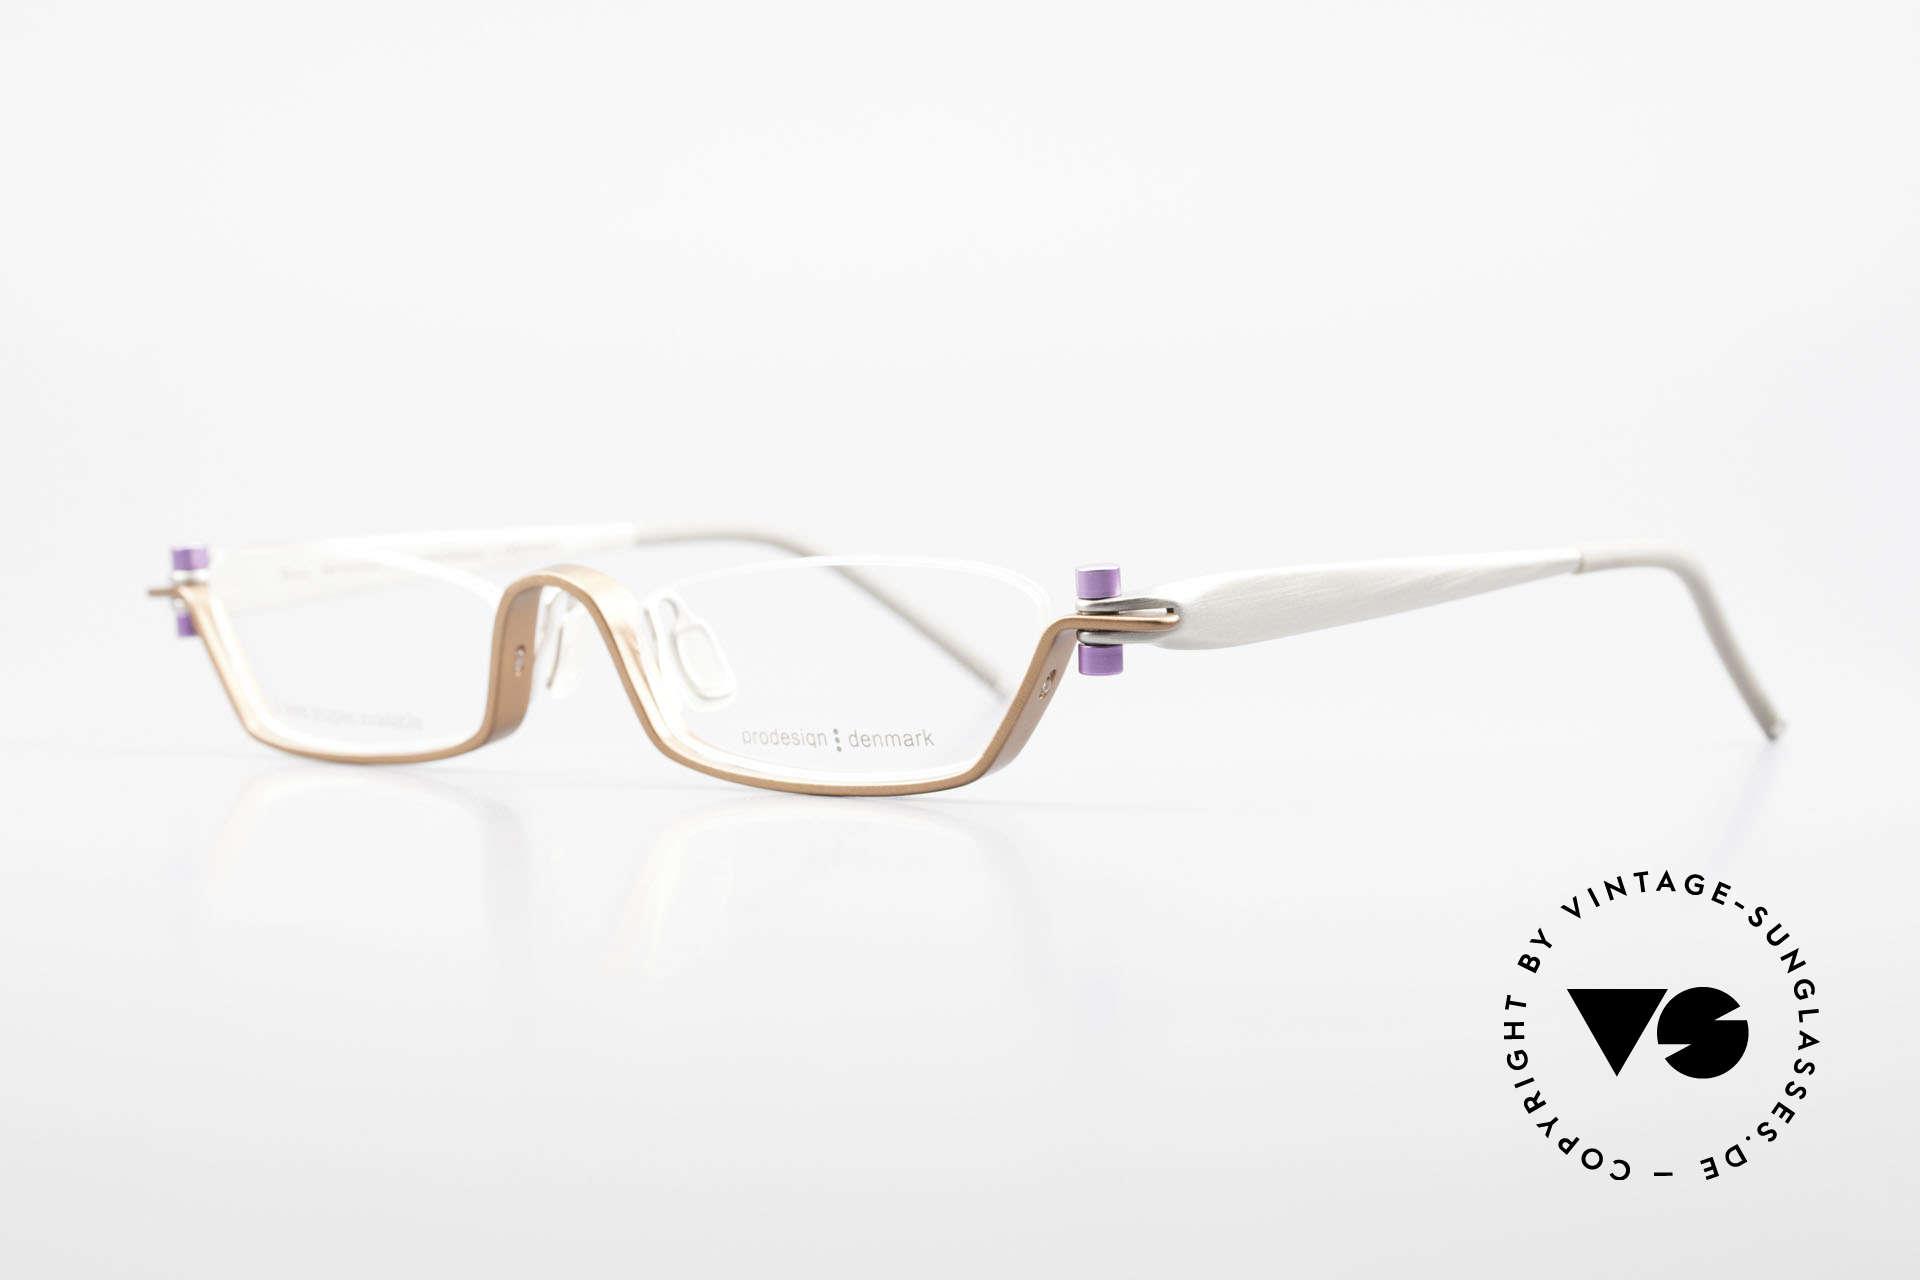 ProDesign 9901 Gail Spence Design Eyeglasses, successor of the legendary Pro Design N° ONE model, Made for Men and Women